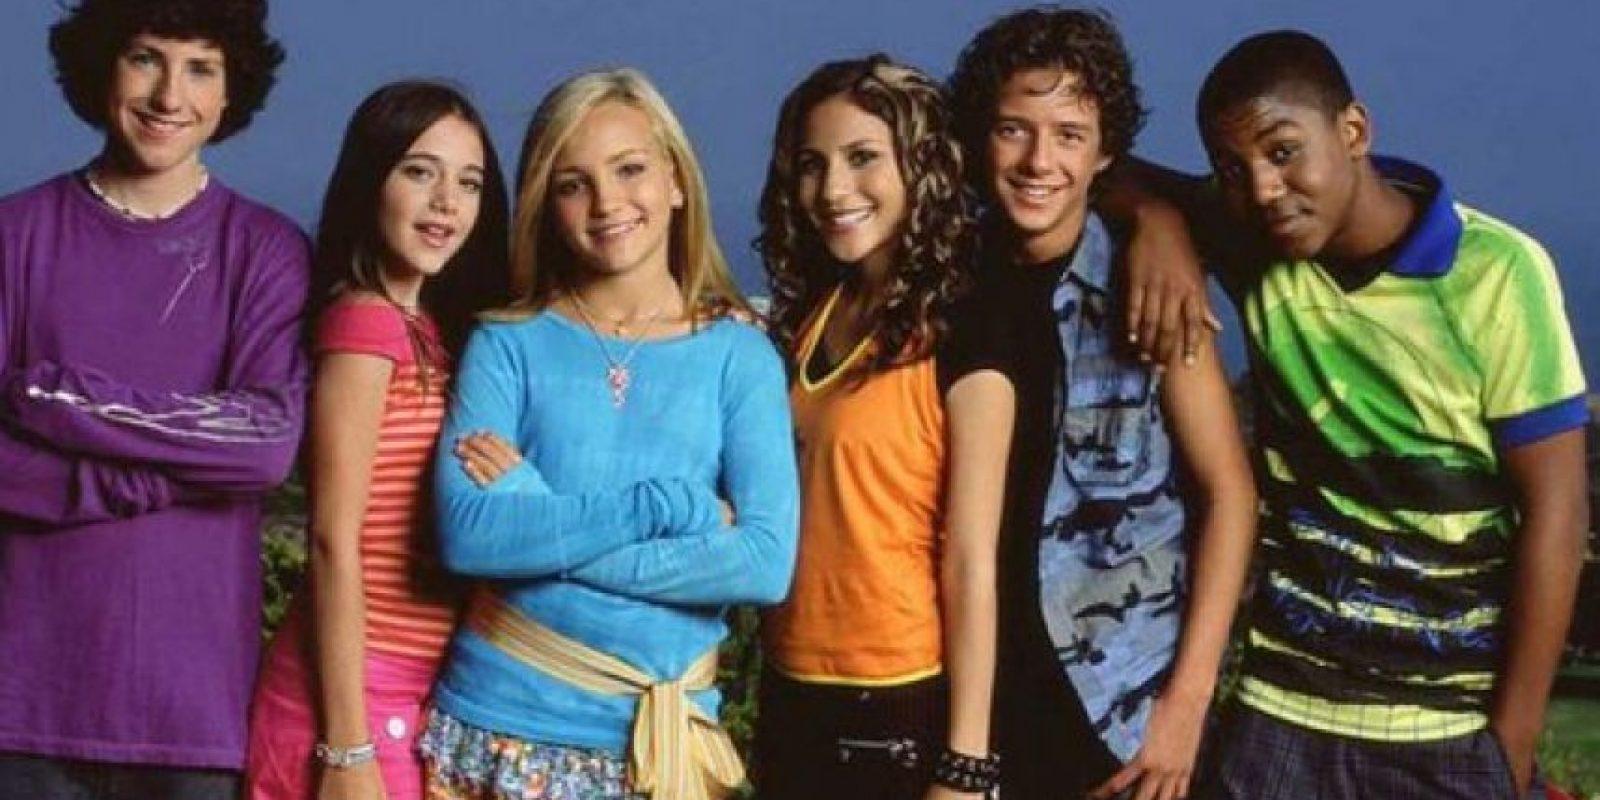 Foto:Nickelodeon